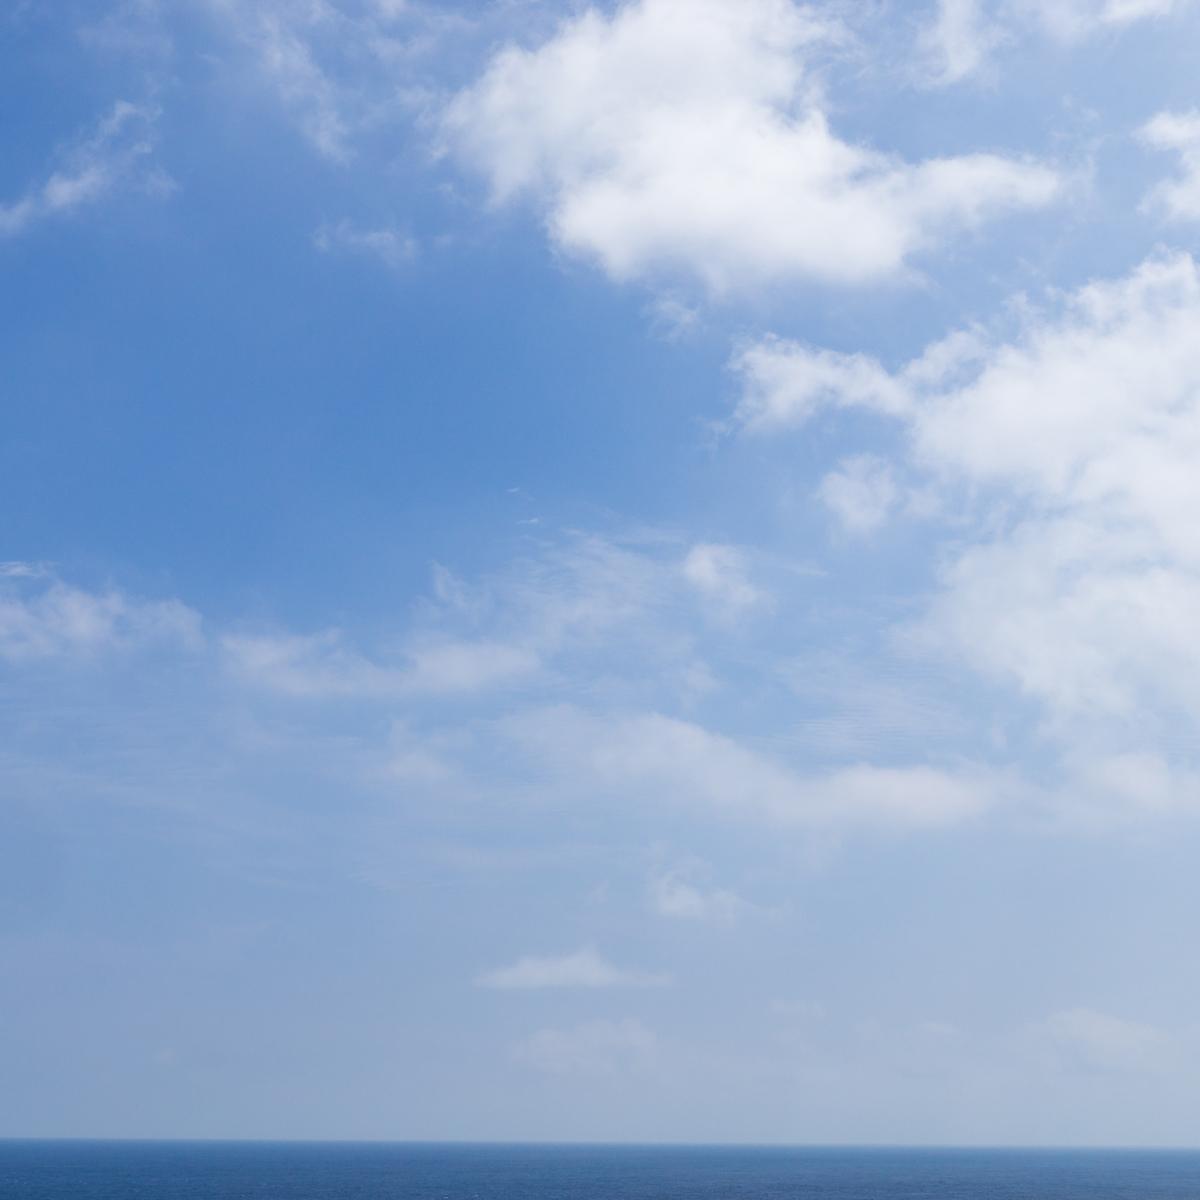 屋久島の海、空、水平線 オーダーメイドマリッジリングのモチーフ 屋久島でつくる結婚指輪